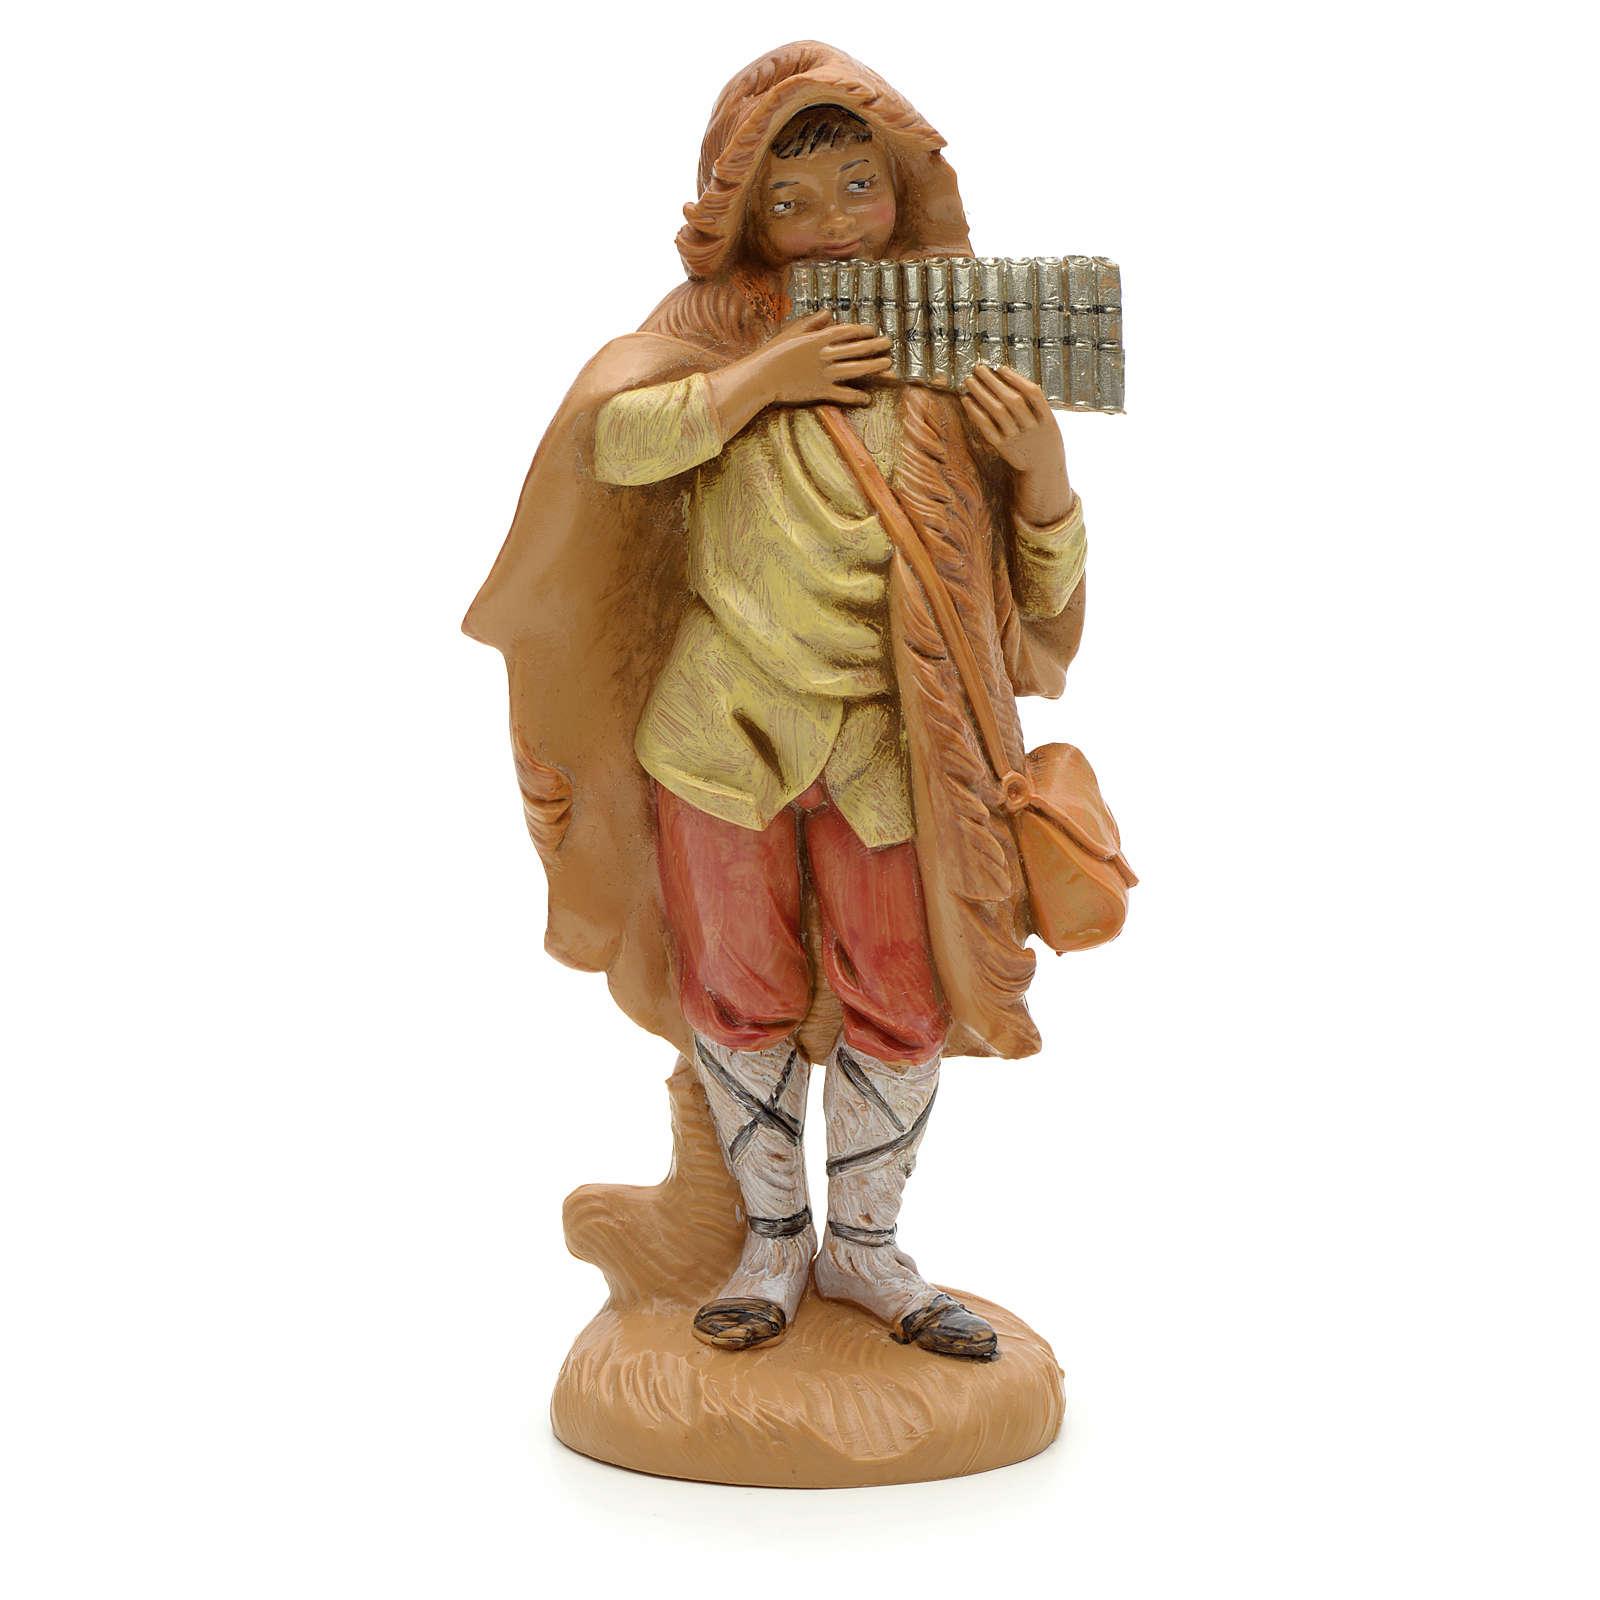 Berger et son harmonica crèche Fontanini 12 cm 4